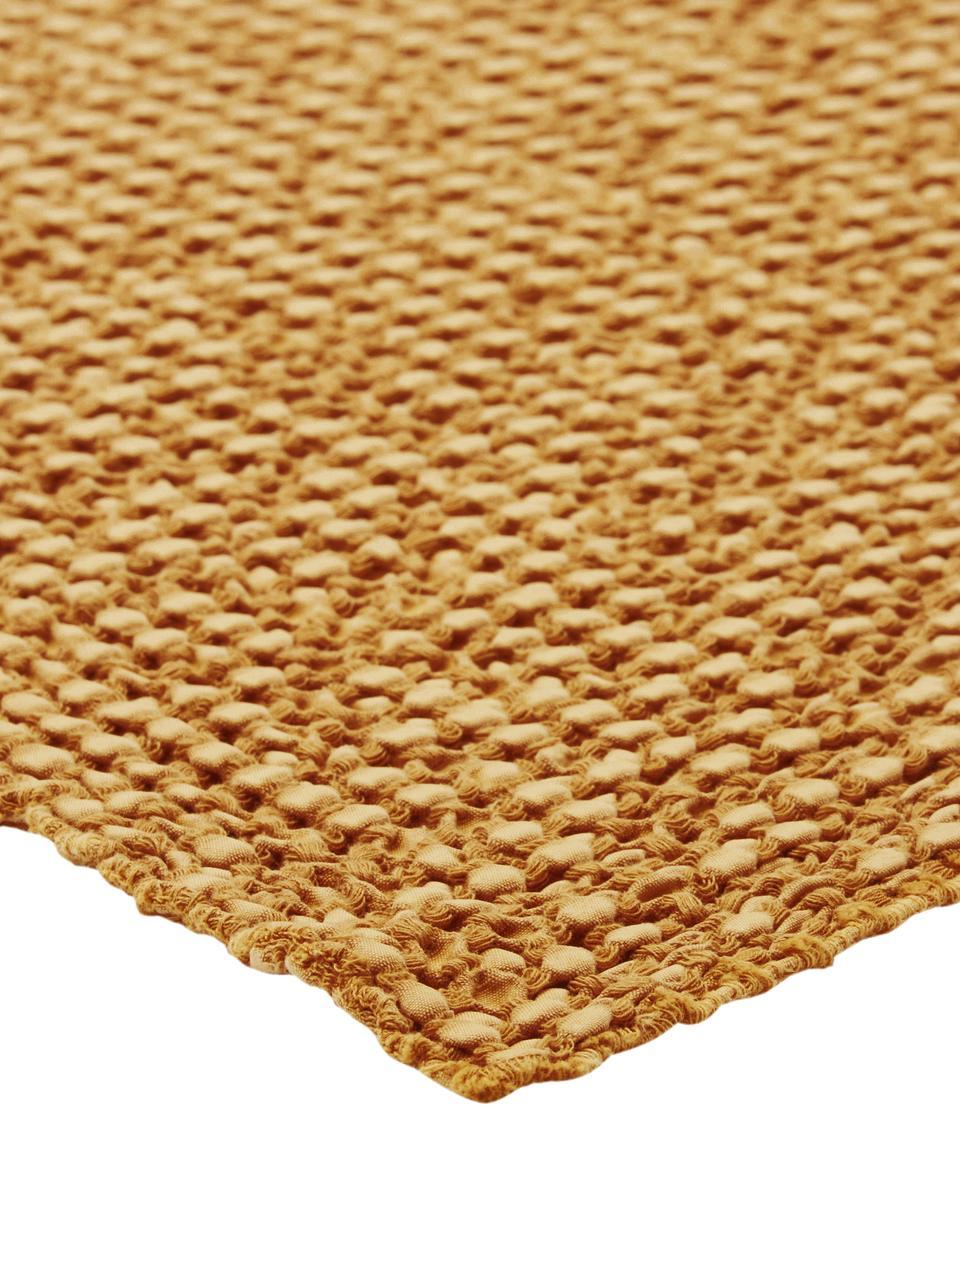 Baumwoll-Plaid Vigo in Goldgelb mit strukturierter Oberfläche, 100% Baumwolle, Goldgelb, 140 x 200 cm